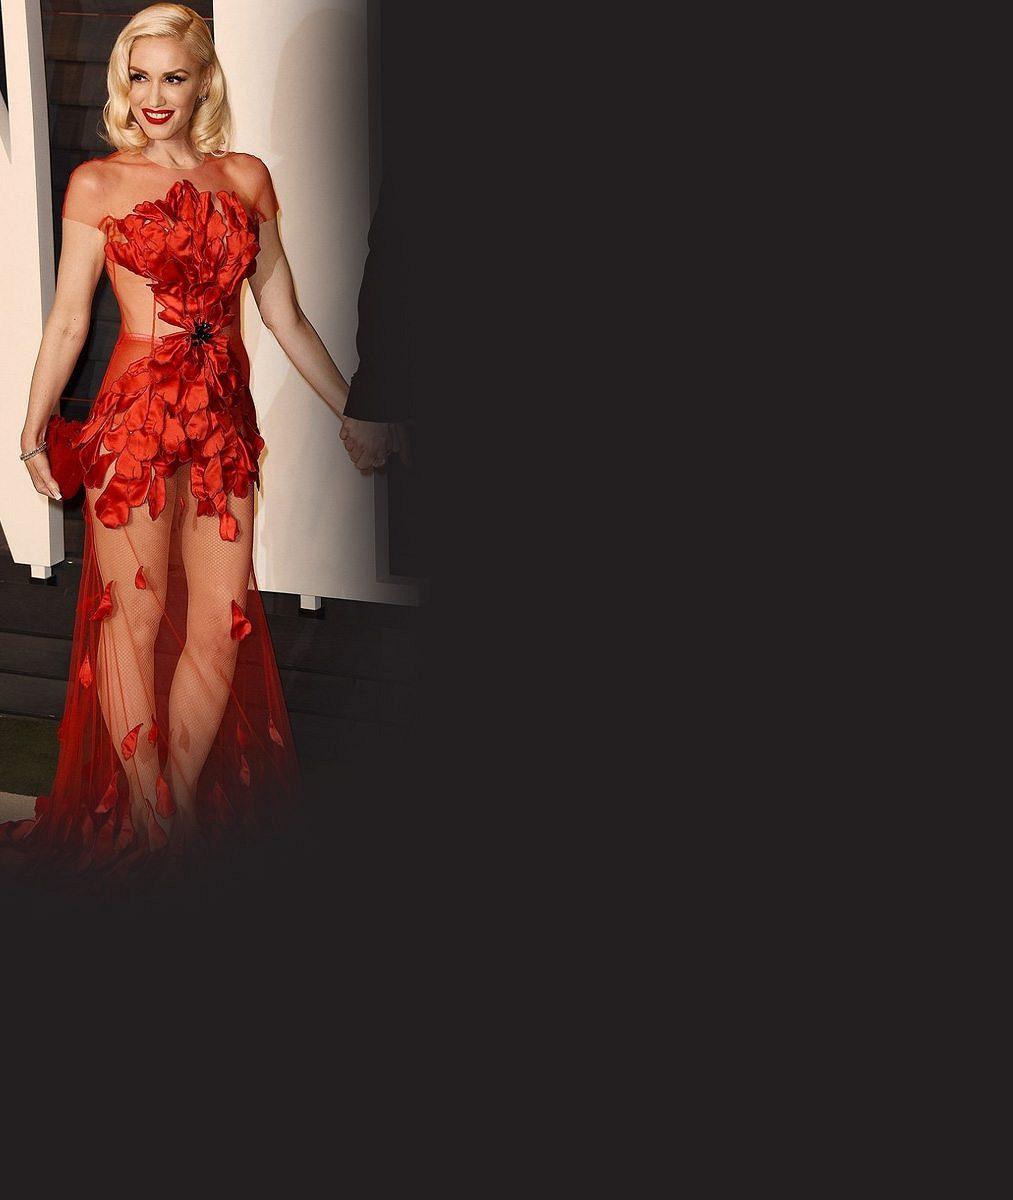 Rozvedená zpěvačka (46) je po boku nového milence ještě přitažlivější: Takhle odvážné šaty by se zdráhaly nosit i dvacítky